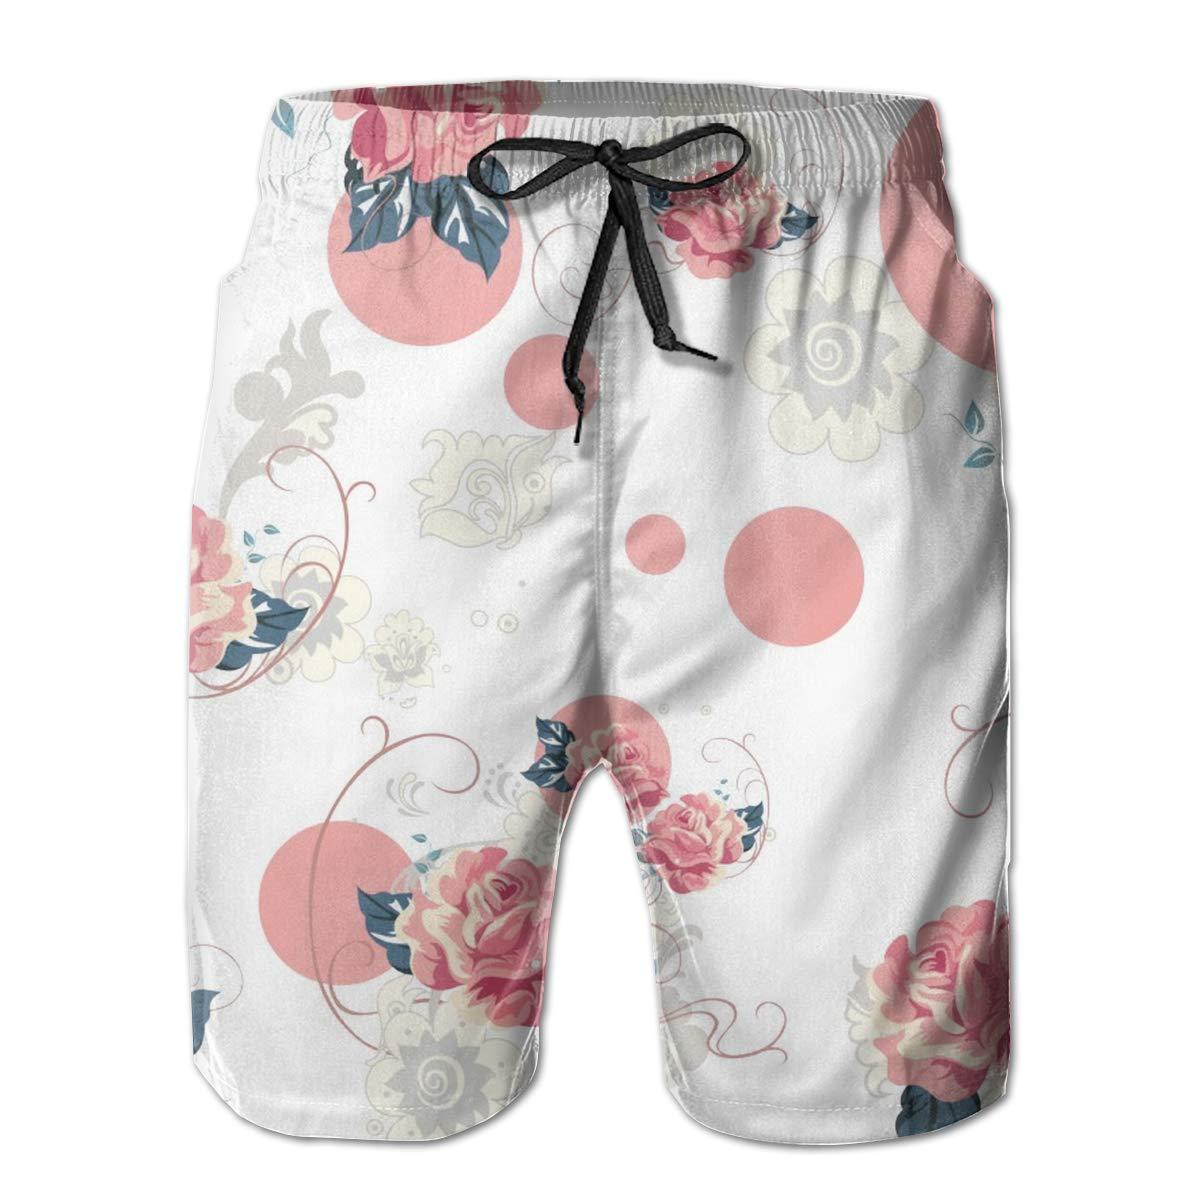 3D Print Swimwear Side /& Back Pocket Adjustable Waist Men Casual Board Shorts